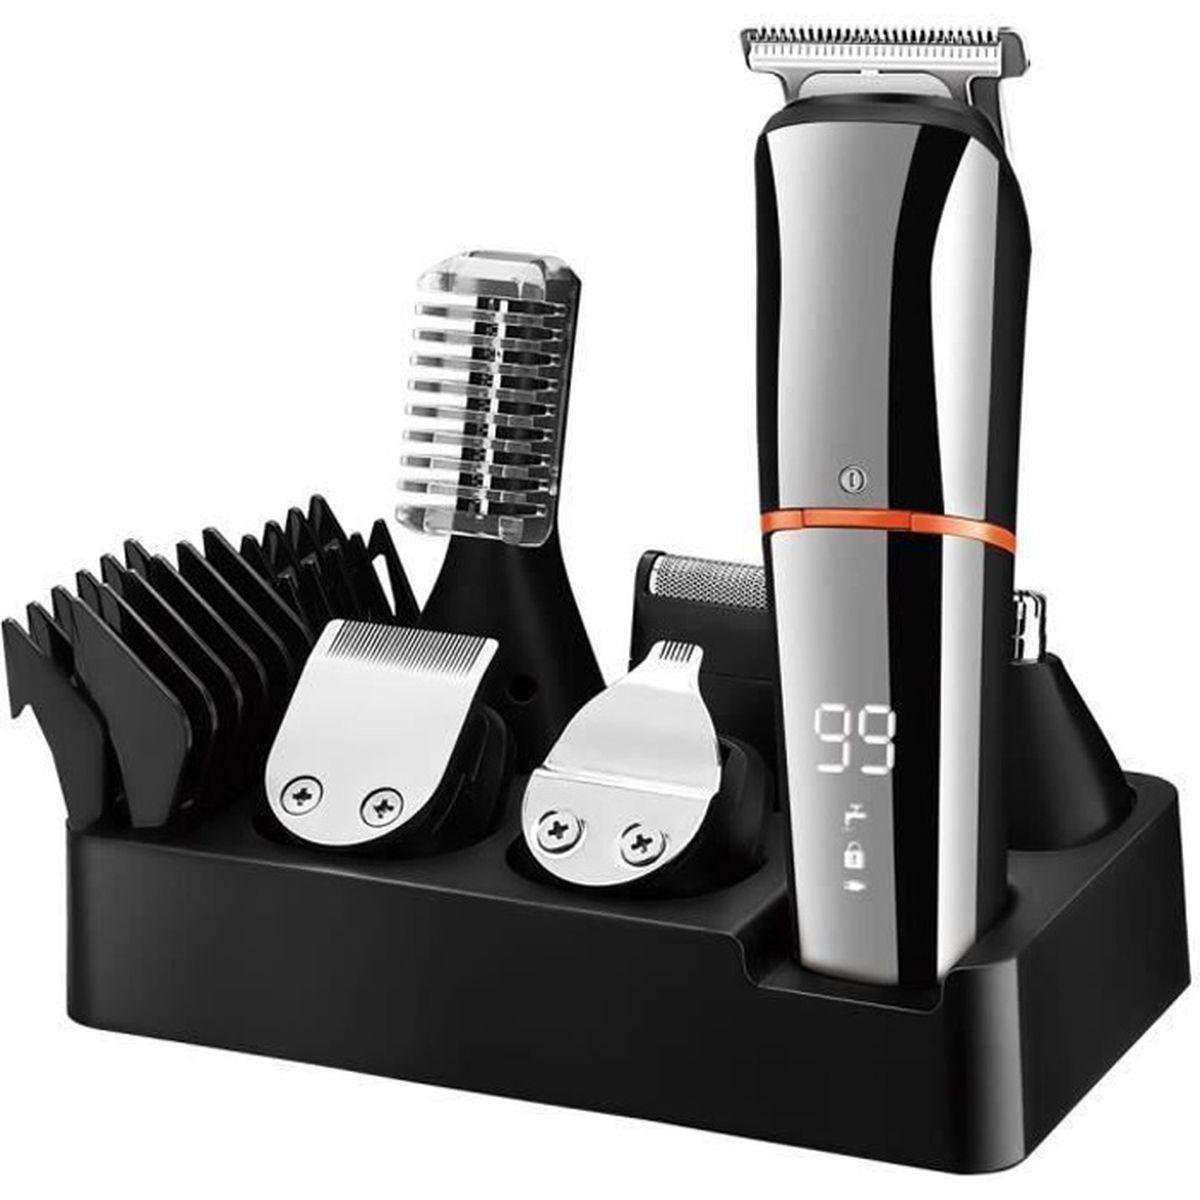 Brosse /à brushing couleur or m/étallis/ée diam/ètre 4cm